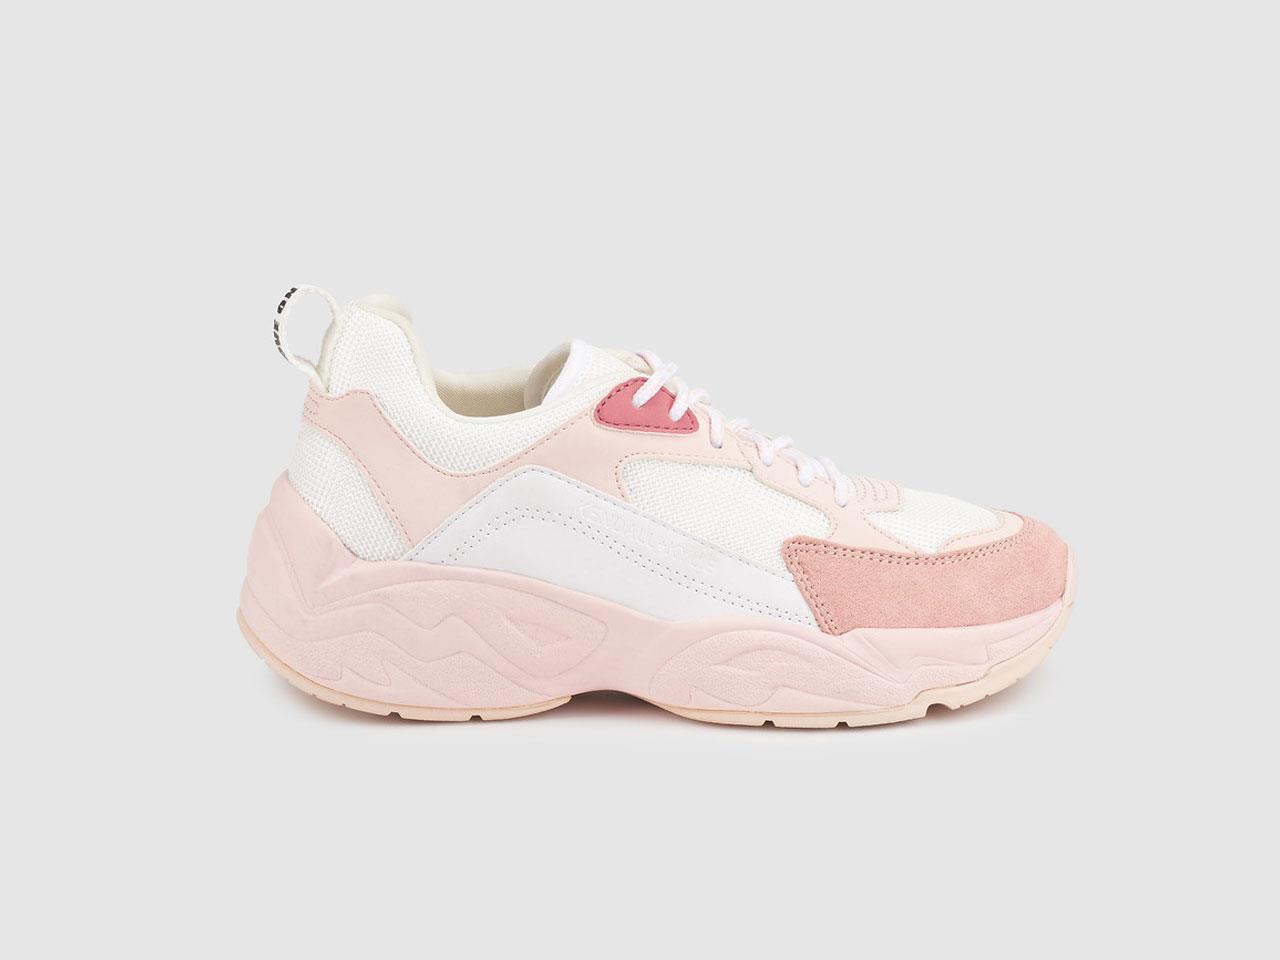 diseño unico vende super popular Estos zapatos de marca están muy rebajados en El Corte Inglés